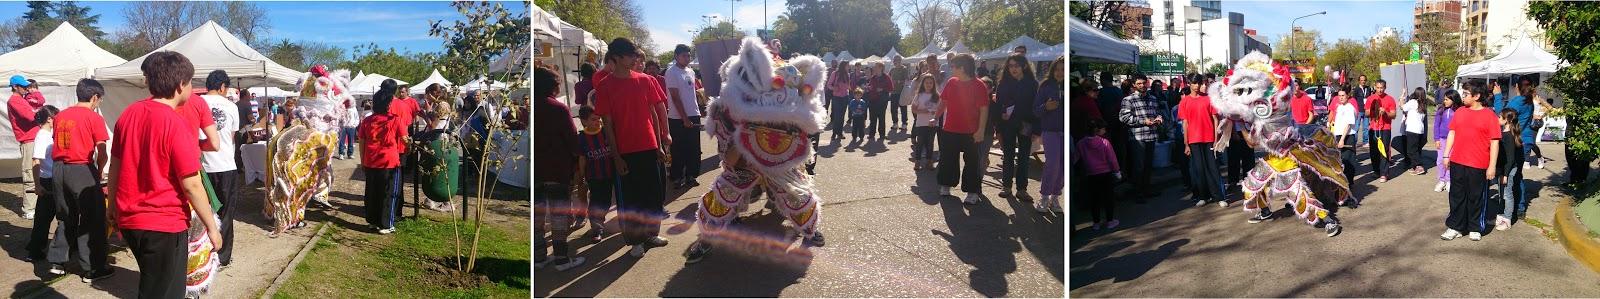 2.Danza del León por todos los puestos de la Plaza